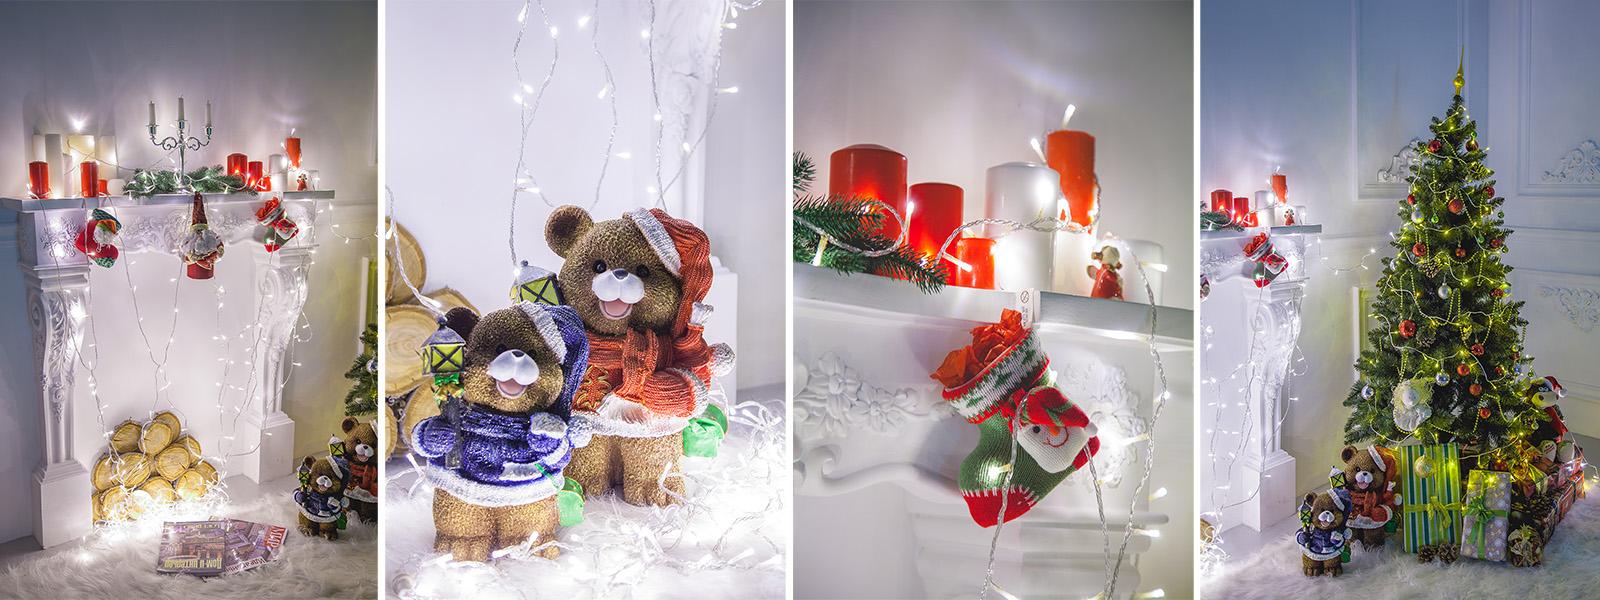 Локация для новогодней фотосессии от MartPhoto